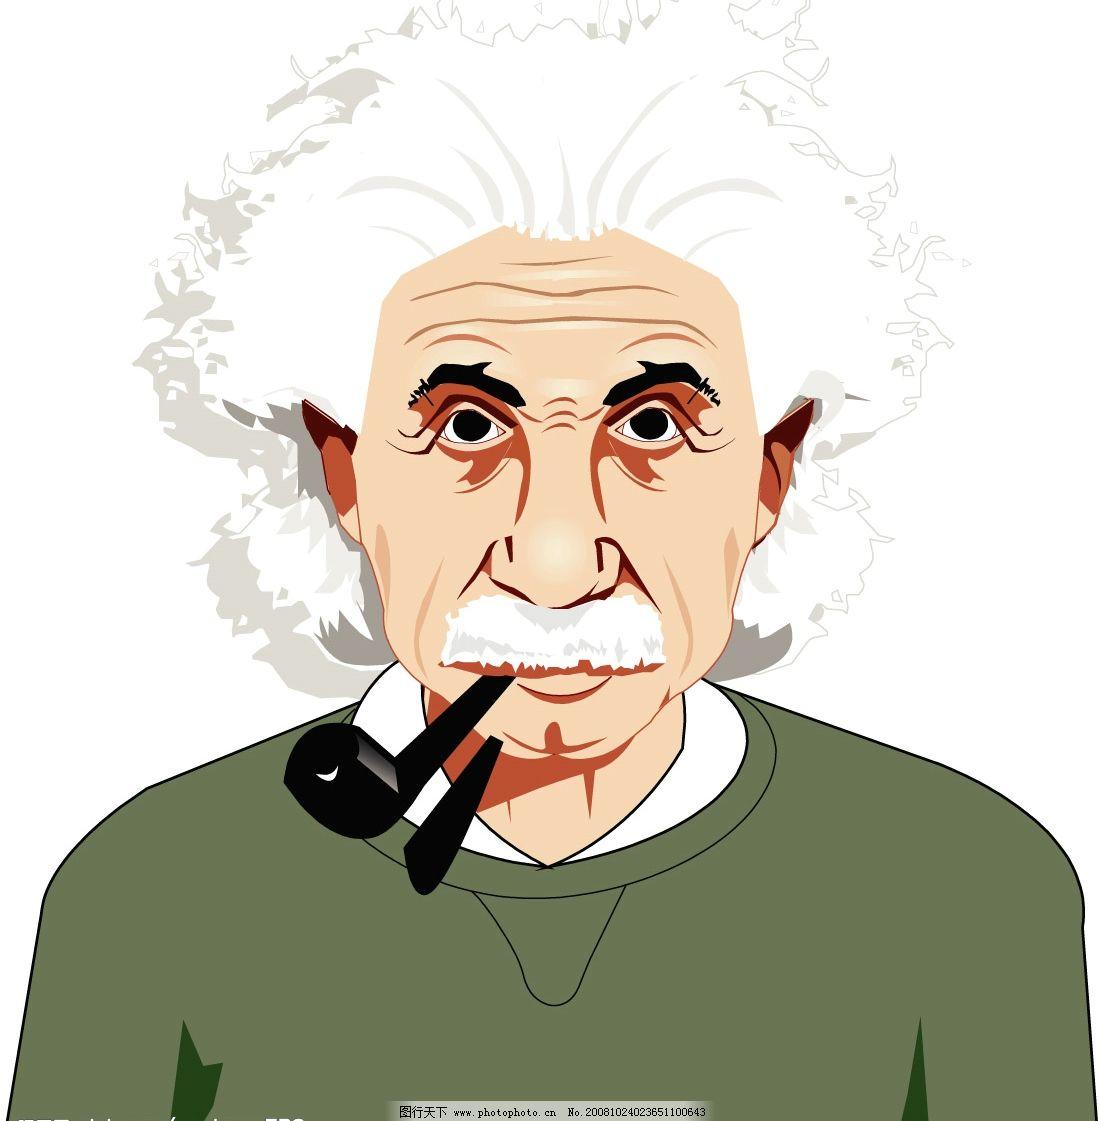 爱因斯坦 矢量人物 老年人物 矢量图库